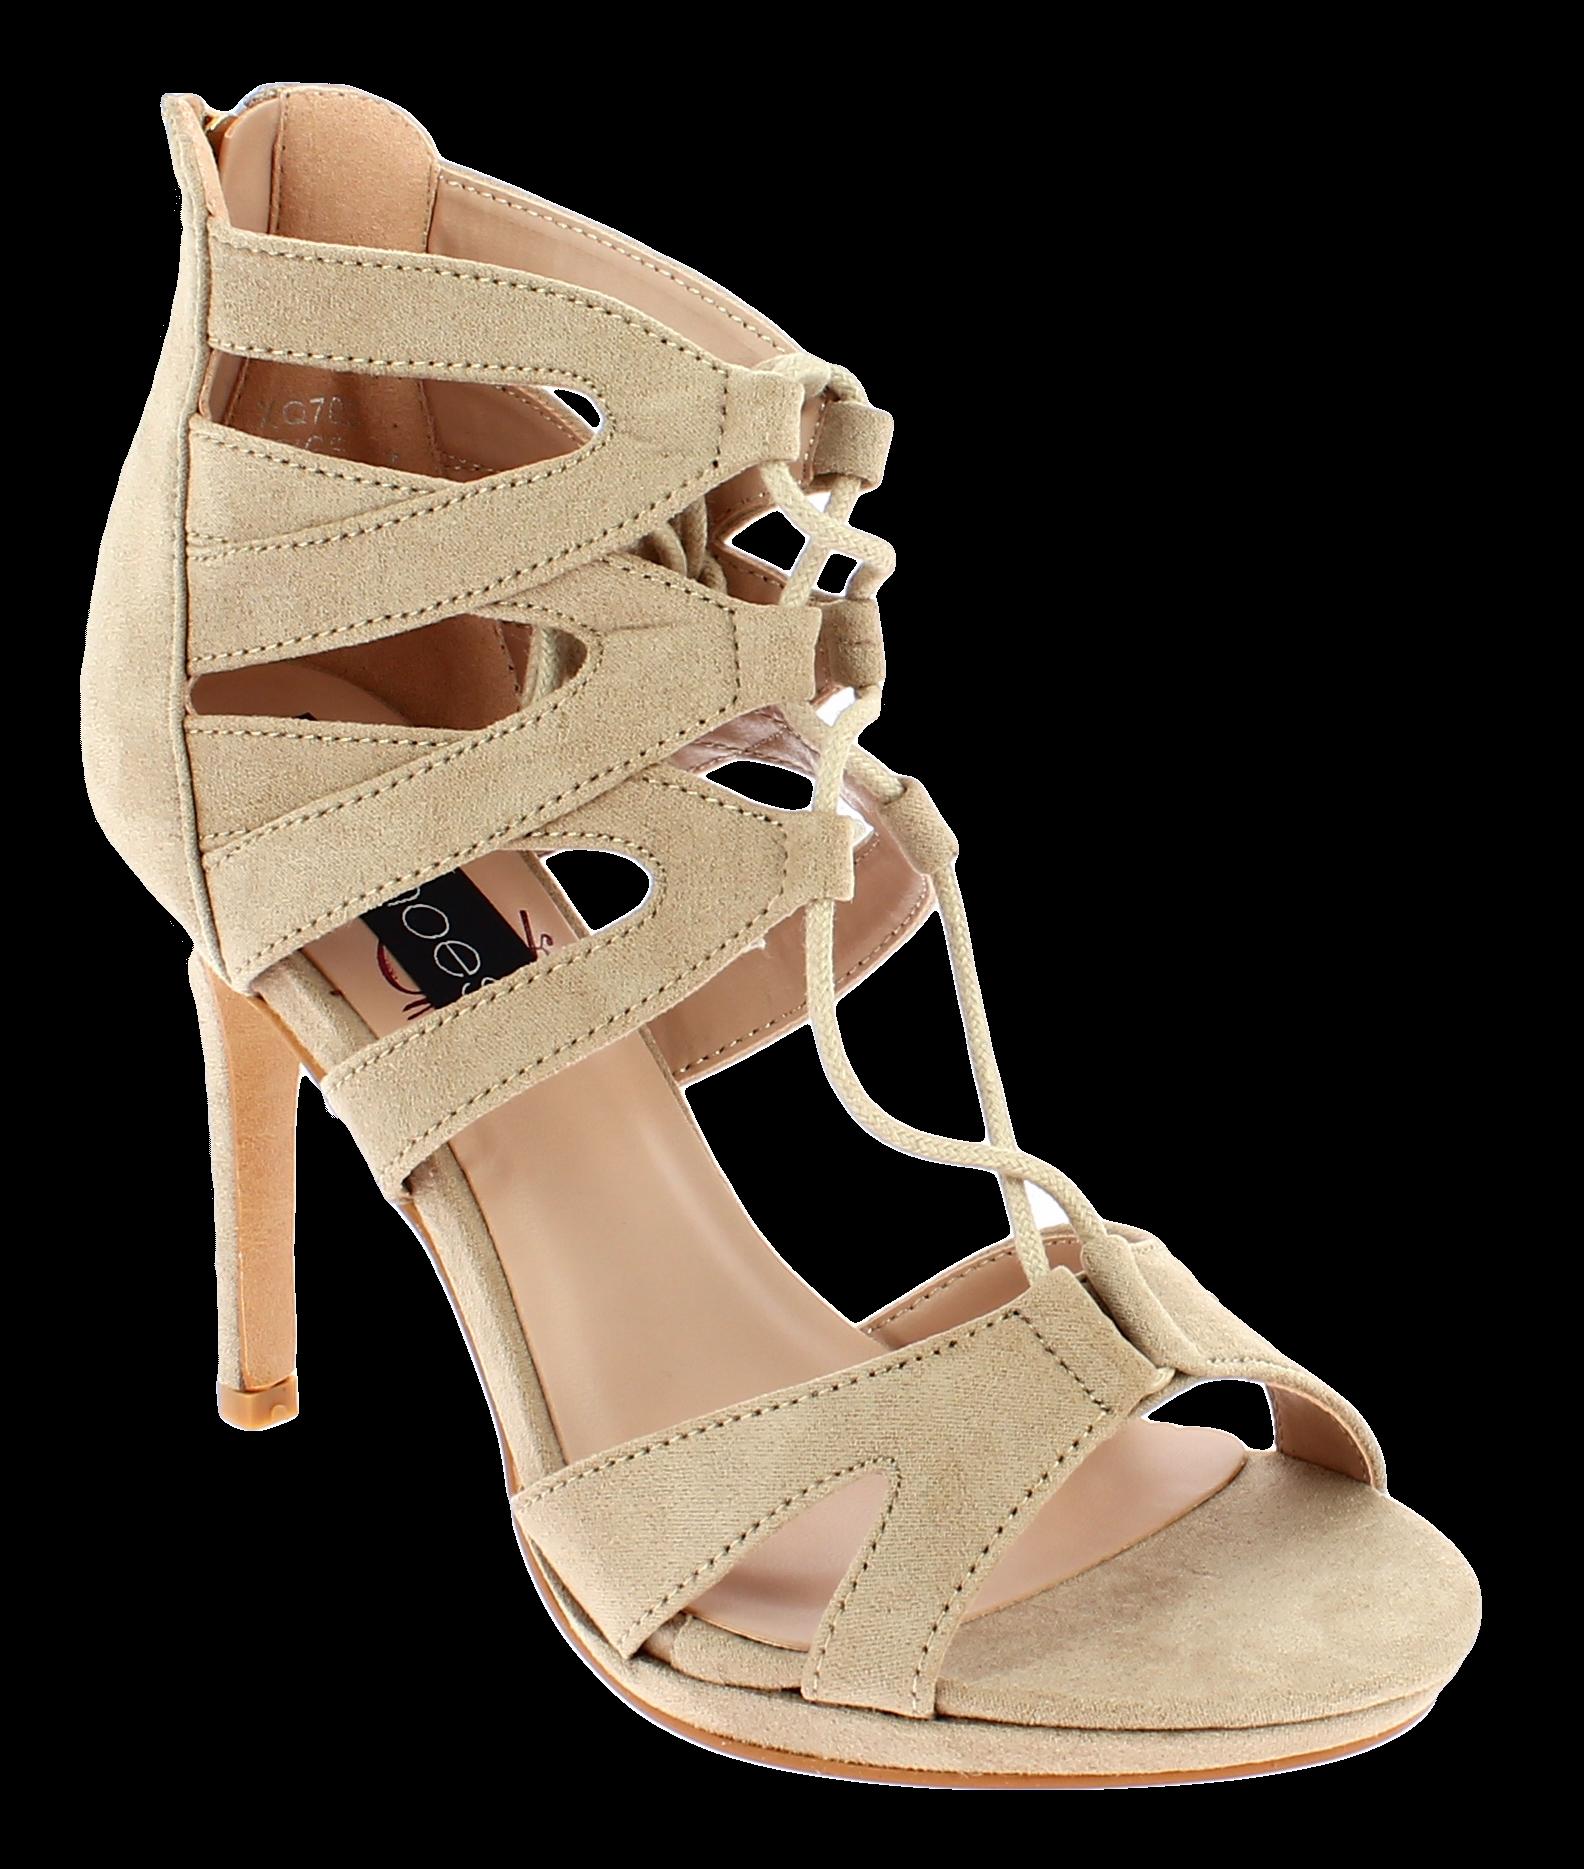 IQSHOES Γυναικείο Πέδιλο XQ703 Μπεζ - IqShoes - XQ703 BEIGE-IQSHOES-beige-37/1/7 παπούτσια  γυναικεία σανδάλια   πέδιλα